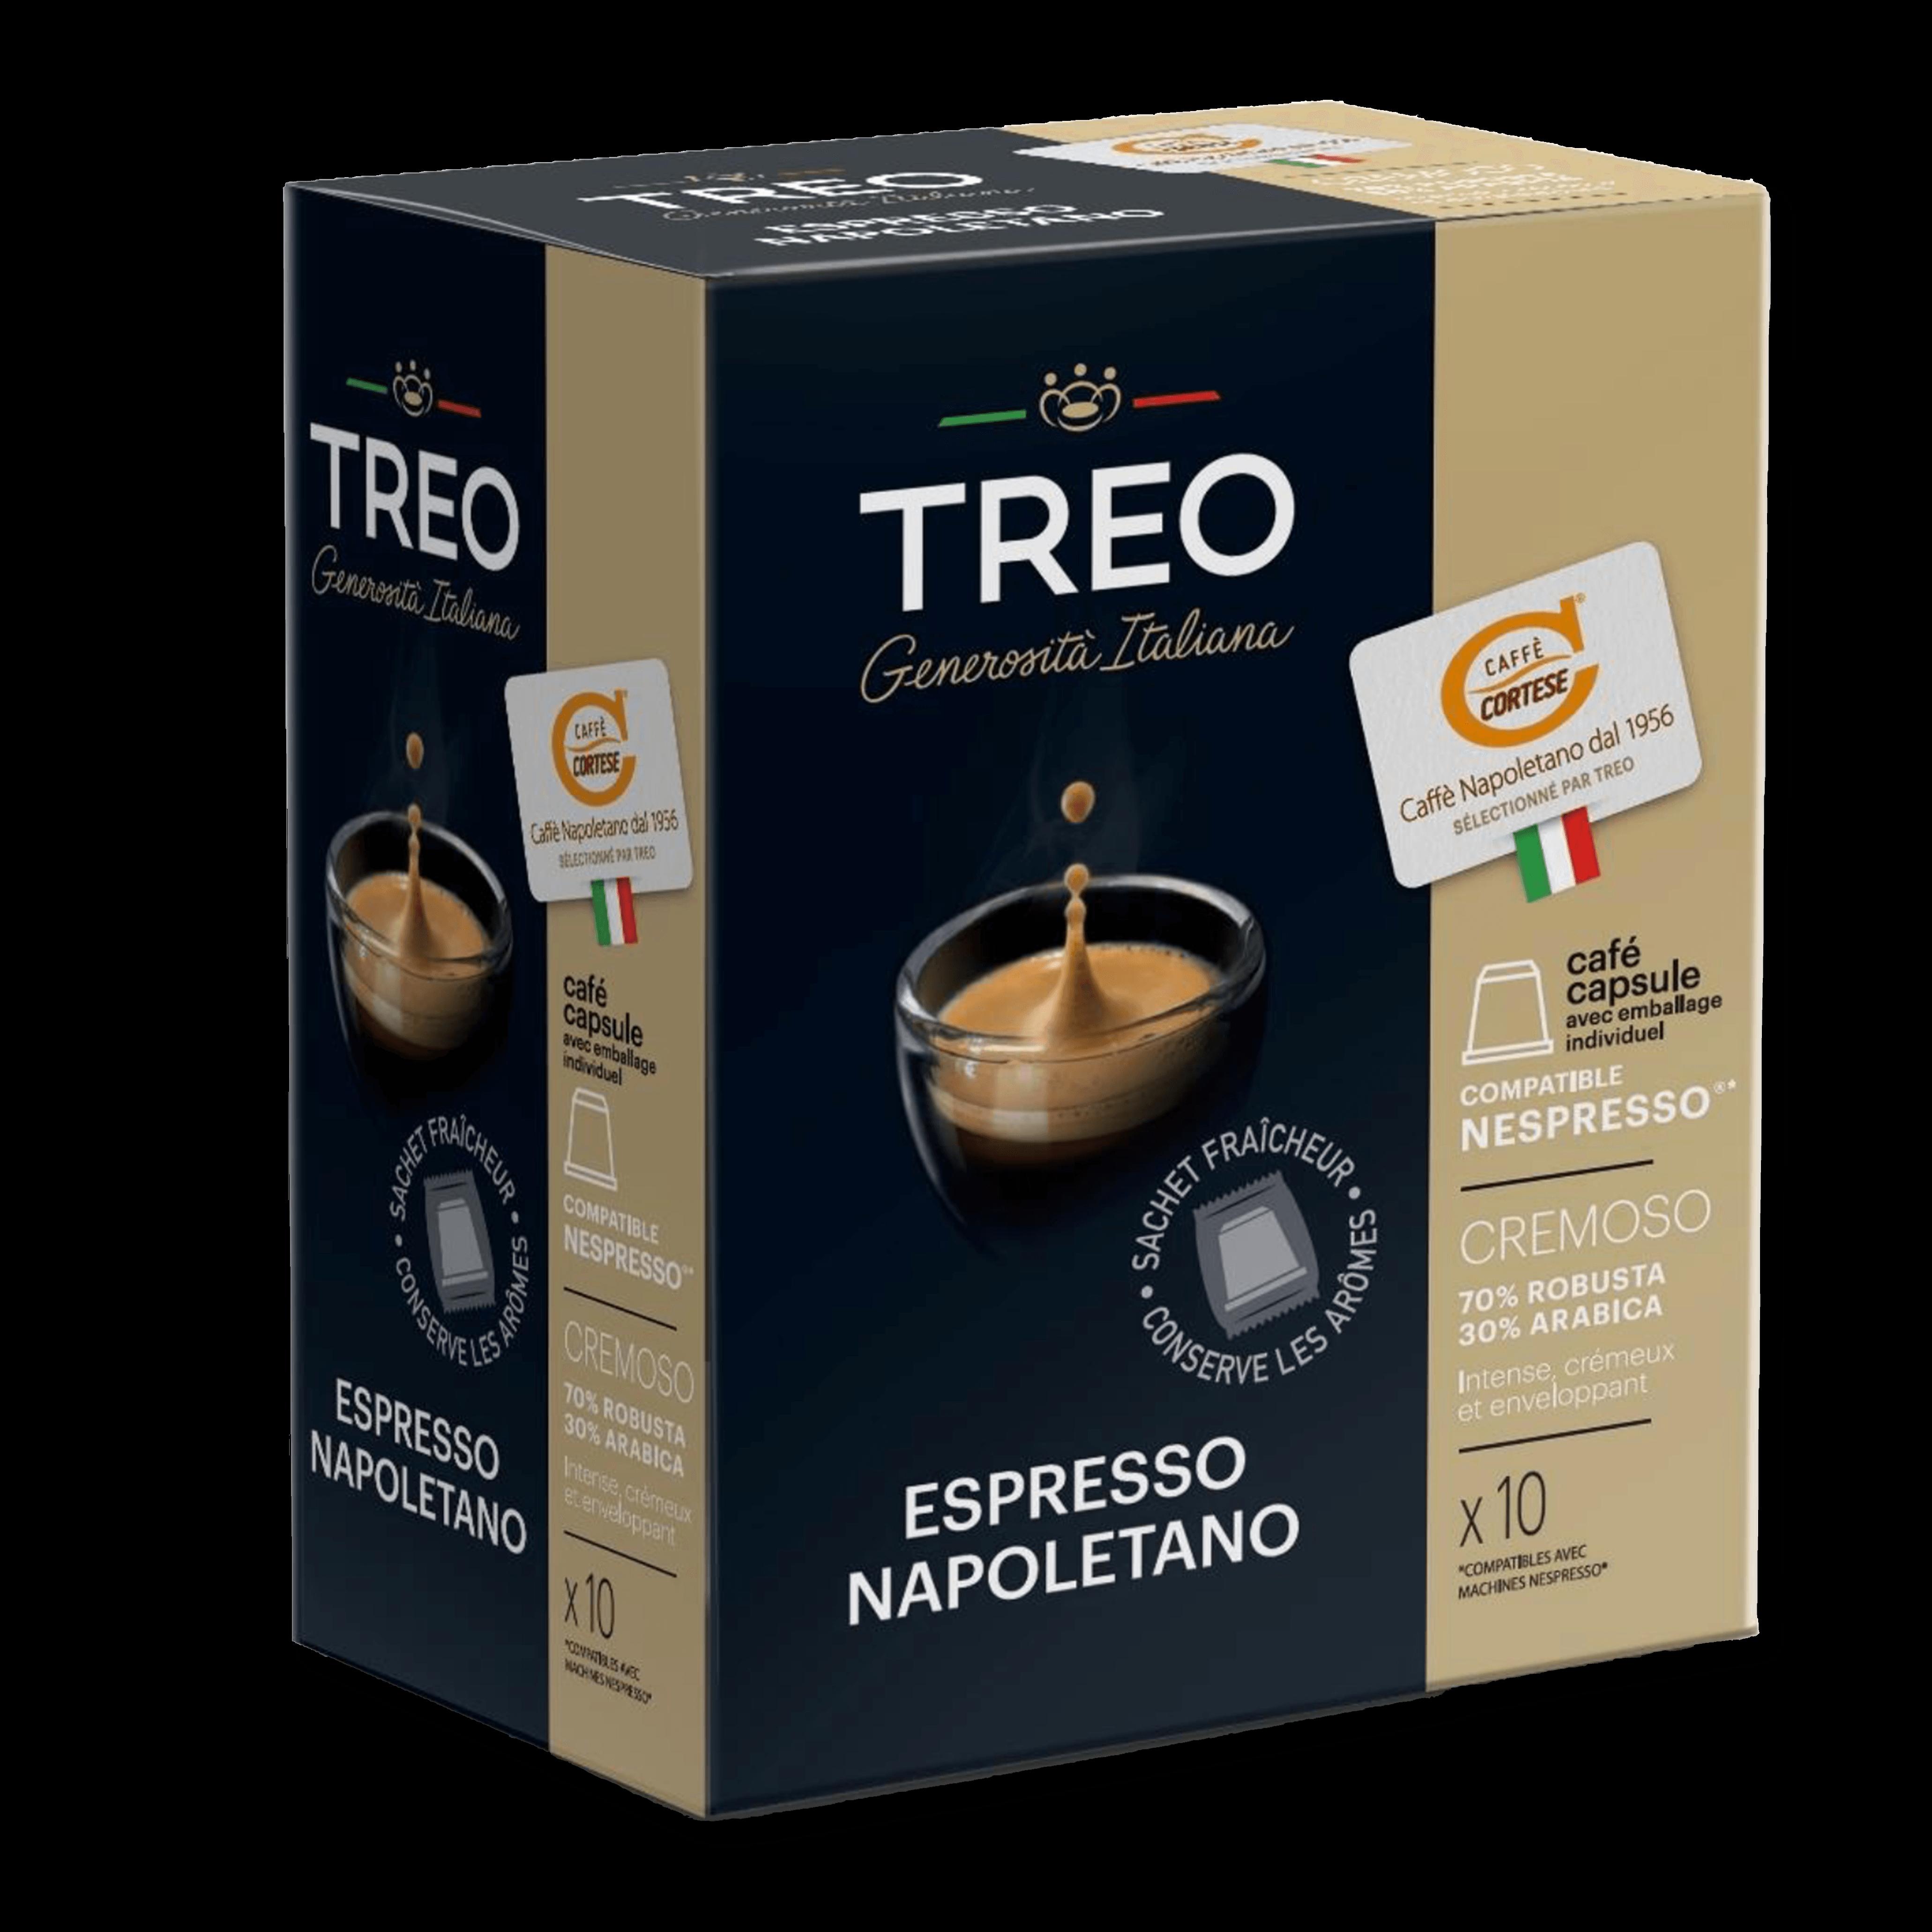 CAFÉ capsule nespresso cremoso